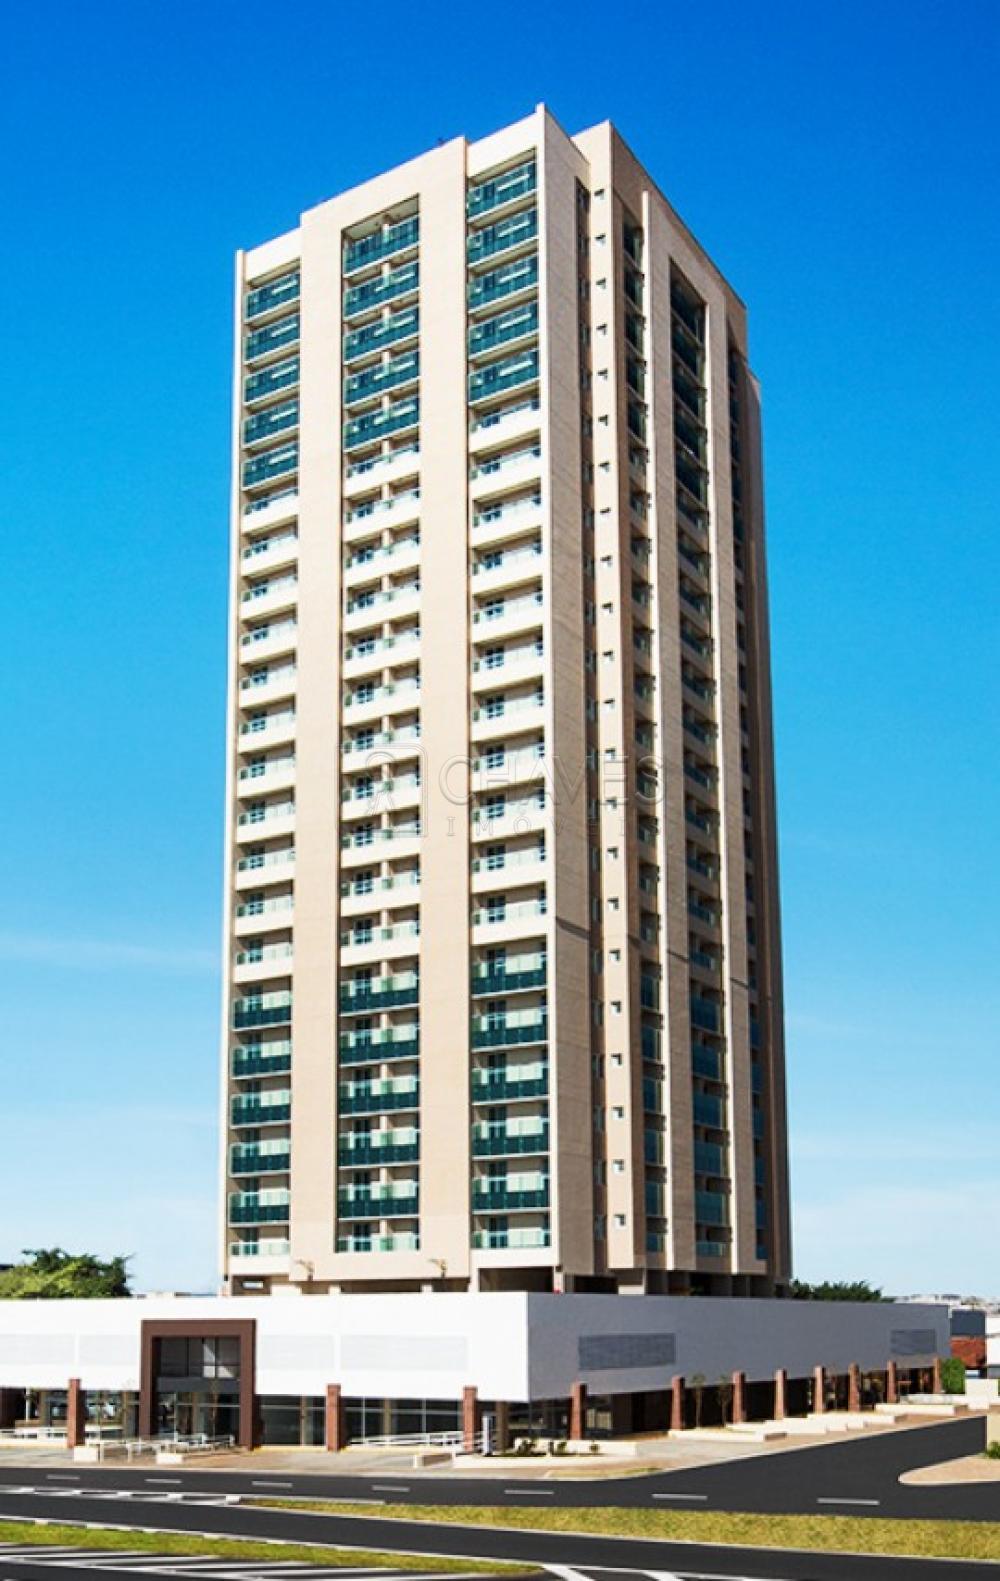 Alugar Comercial / Sala em Condomínio em Ribeirão Preto R$ 1.000,00 - Foto 1